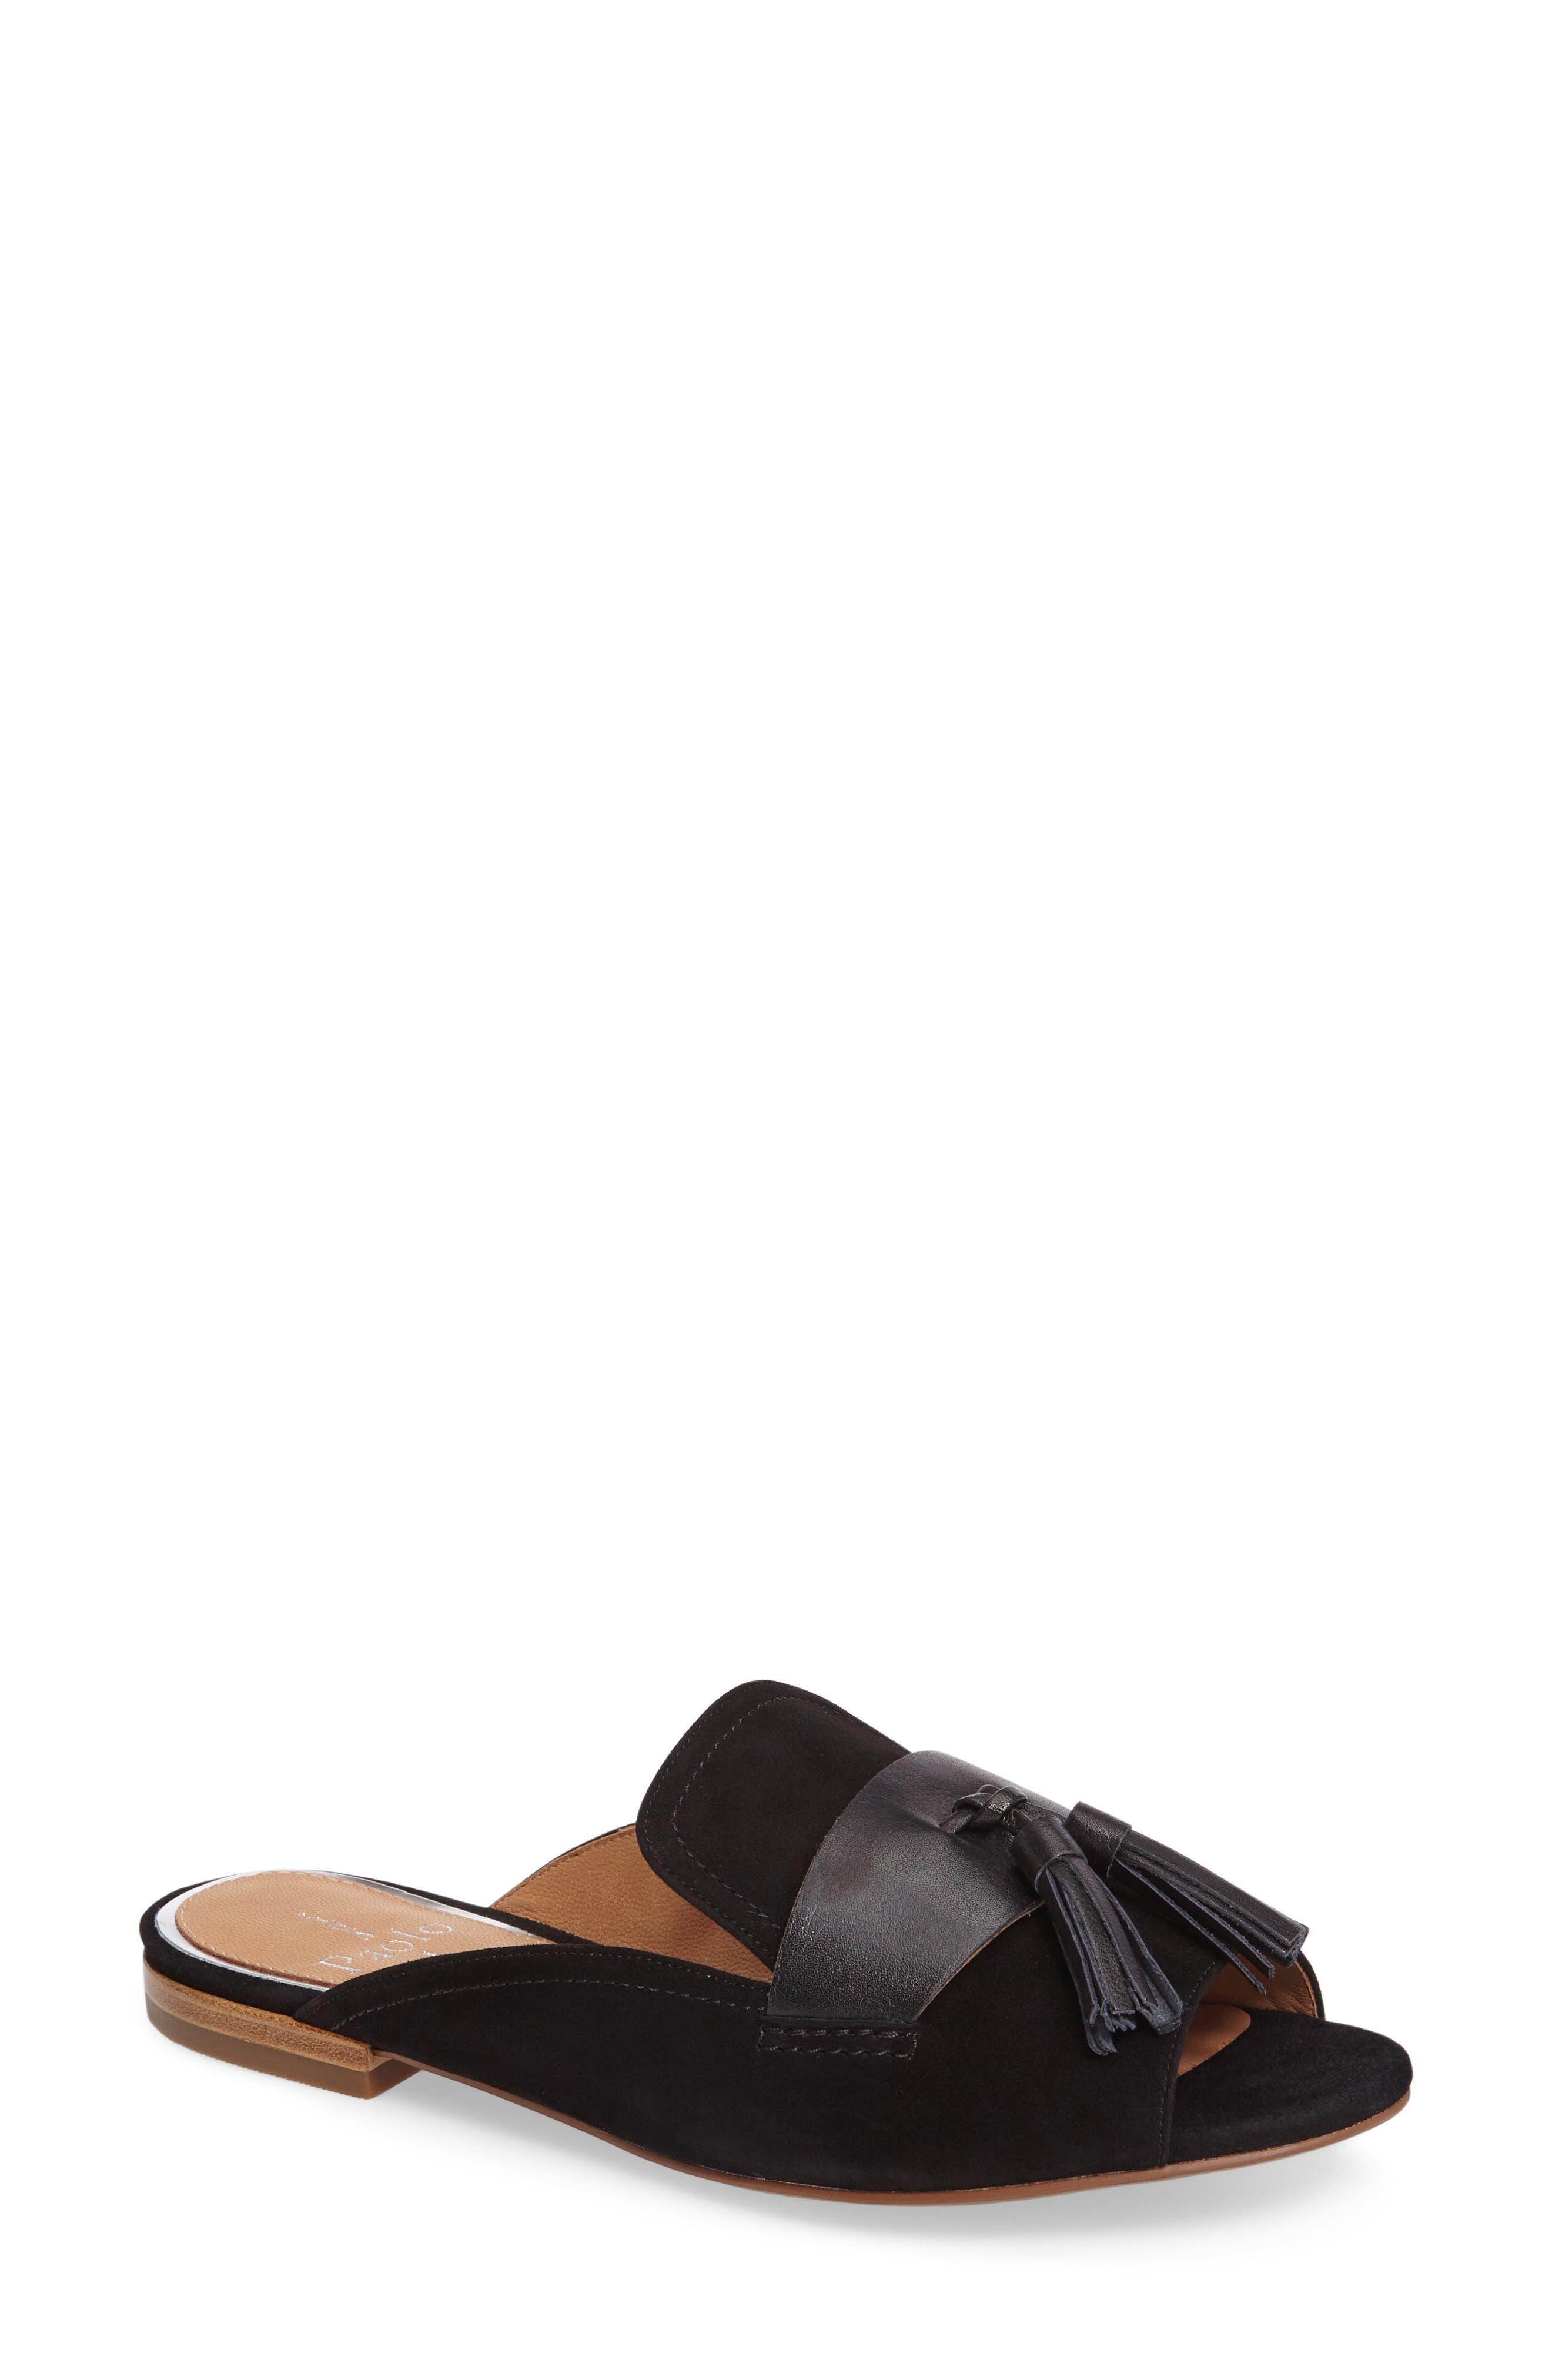 Fling Tassel Loafer Slide,                         Main,                         color, 007